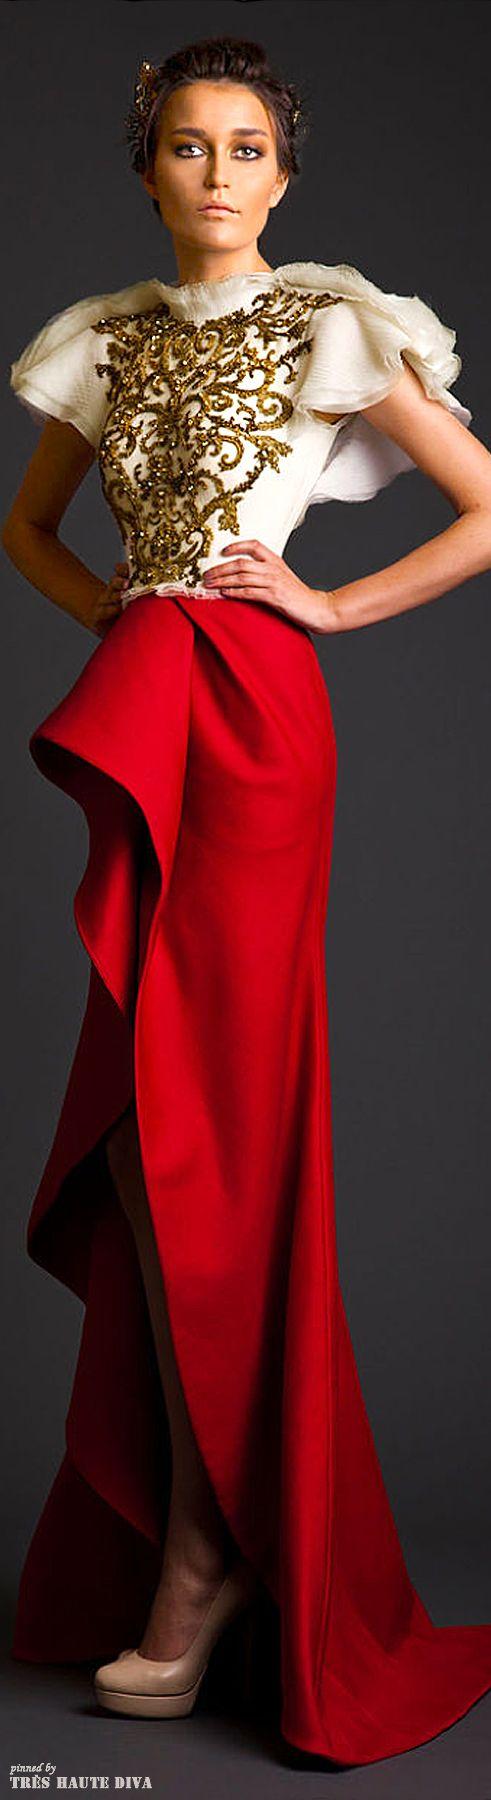 Miss millionairess the gown boutique karen cox krikor jabotian